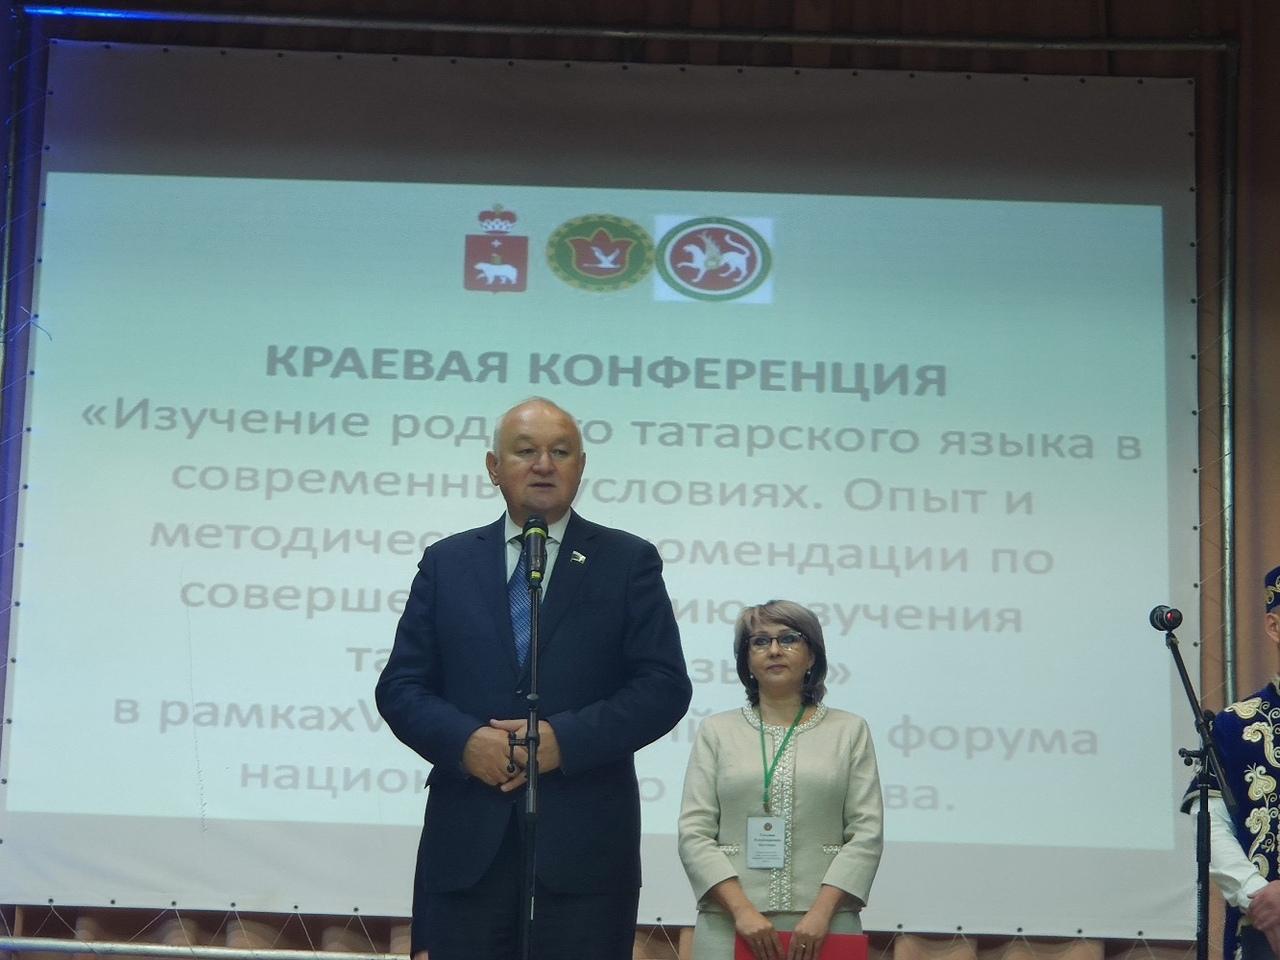 """""""Изучение родного татарского языка в современных условиях"""""""